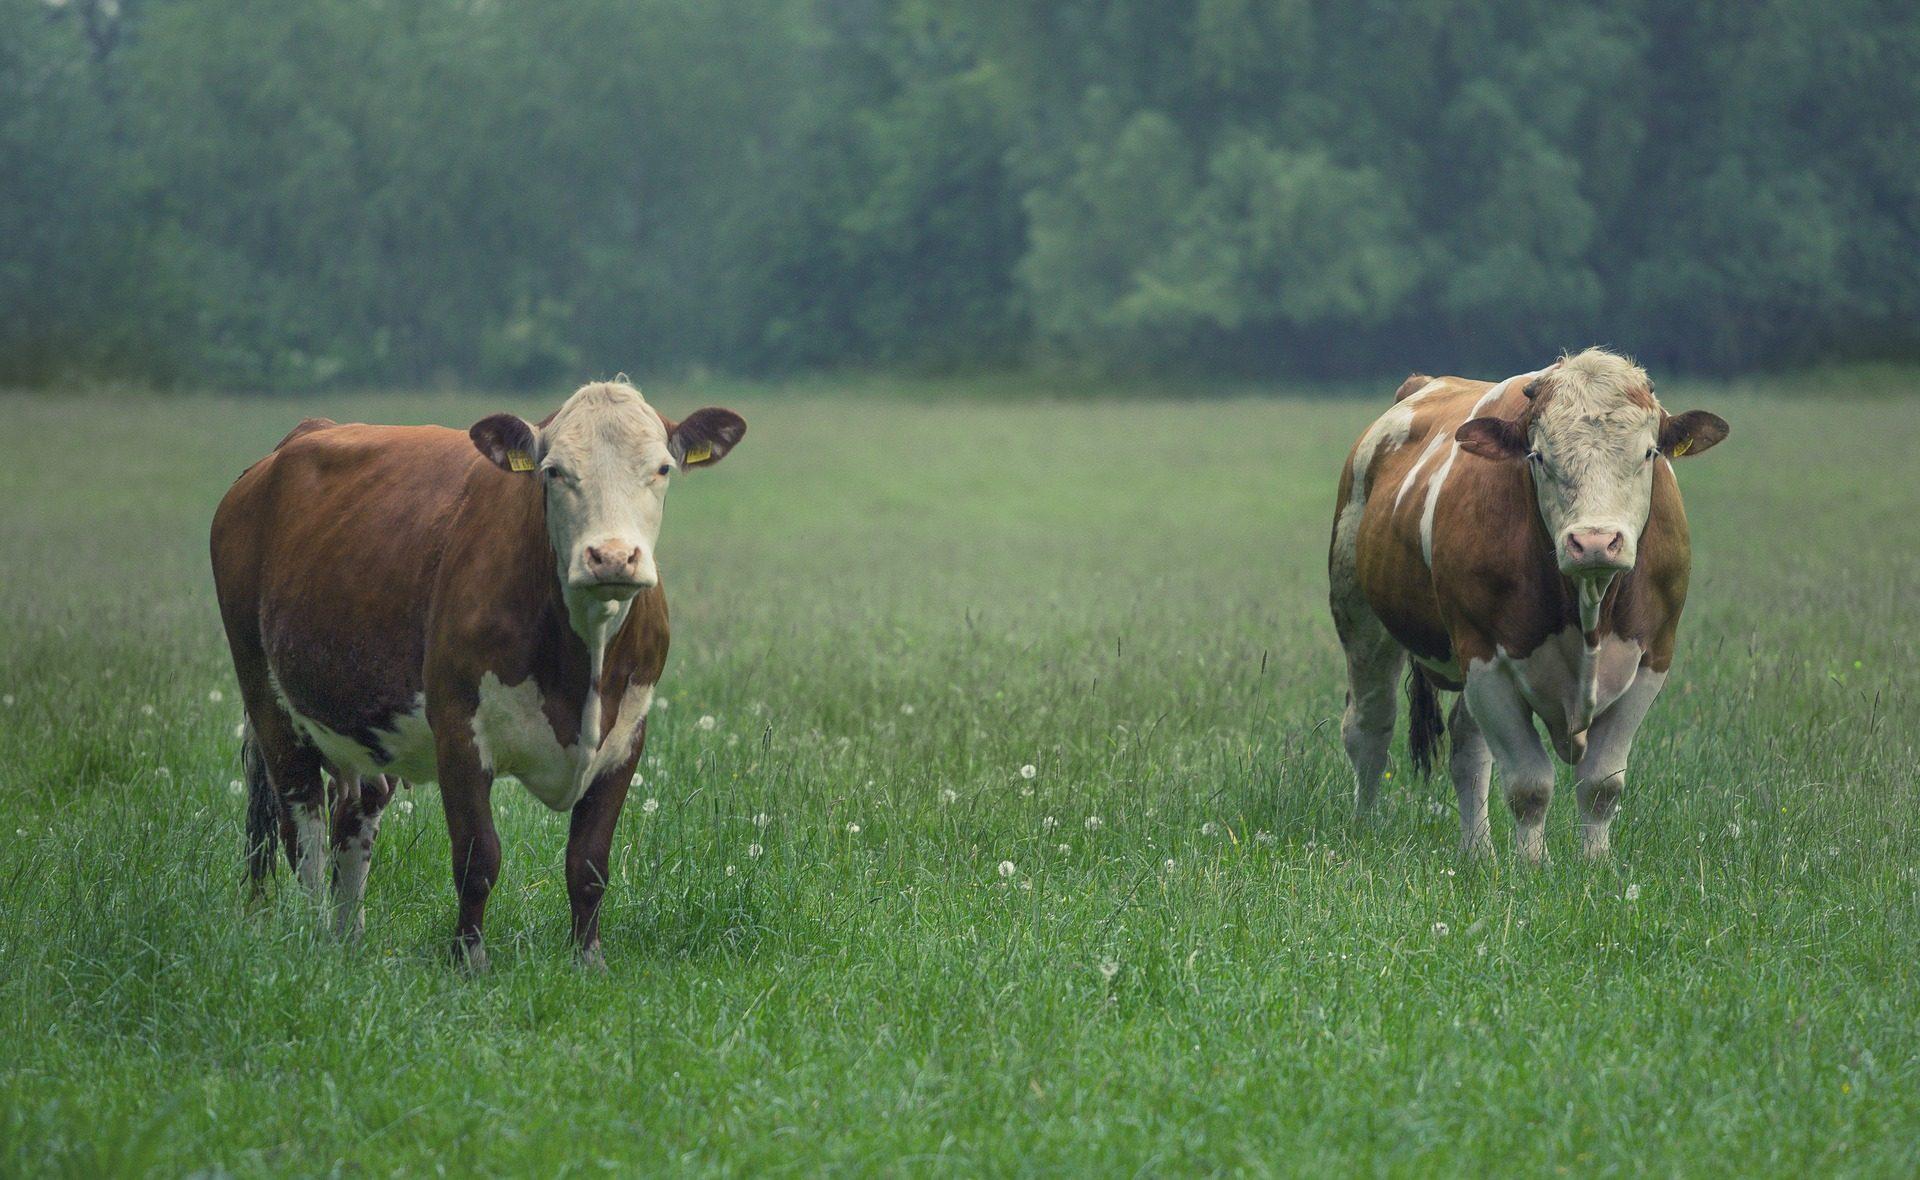 गायों, पशुधन, फ़ील्ड, चराई, वील - HD वॉलपेपर - प्रोफेसर-falken.com